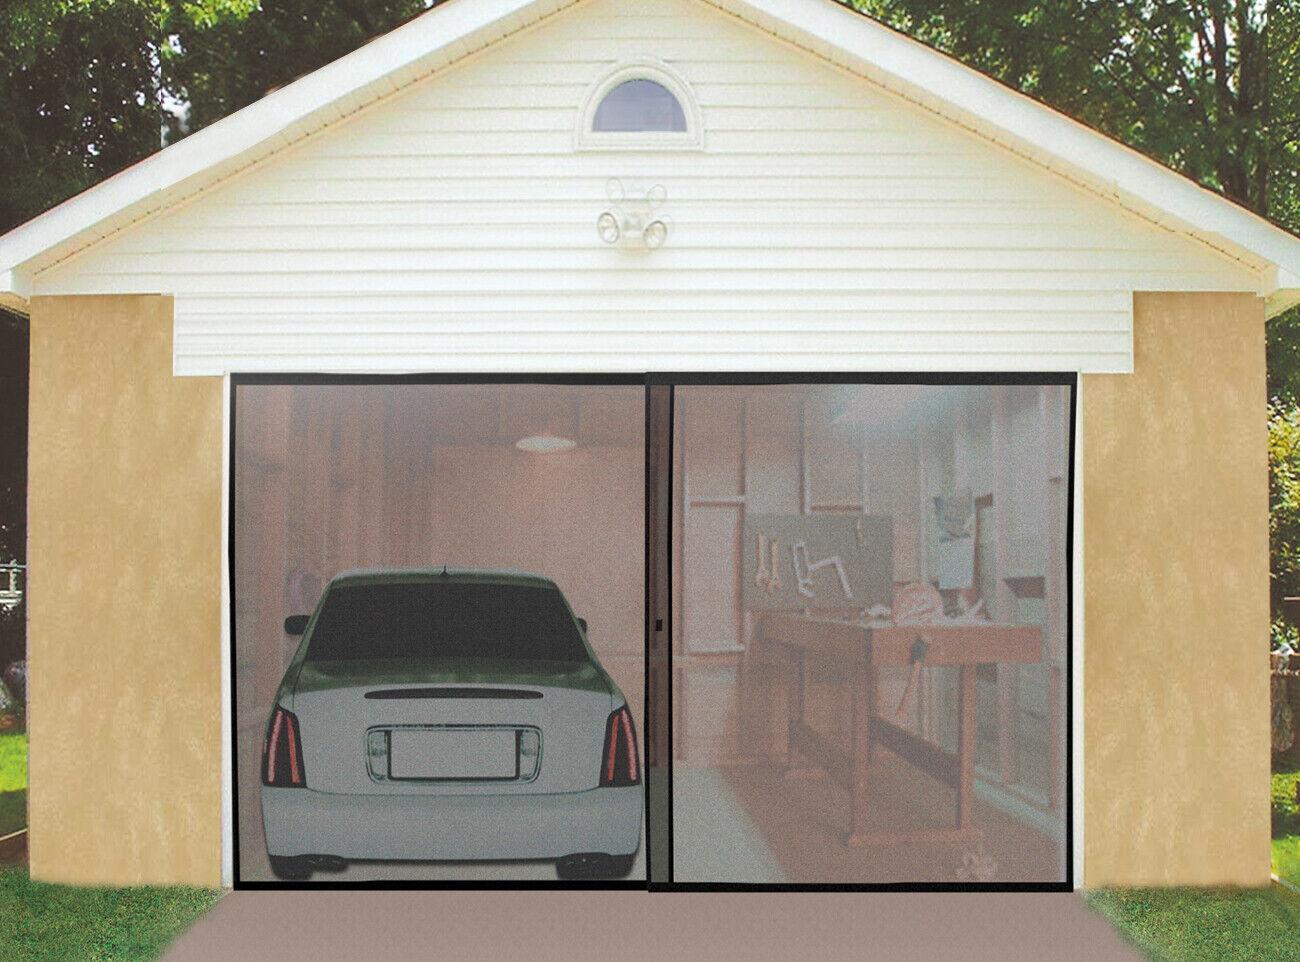 Double Garage Door Screen Magnet Bottom Insect Bug Mesh 16ft. x 7ft NEW 4